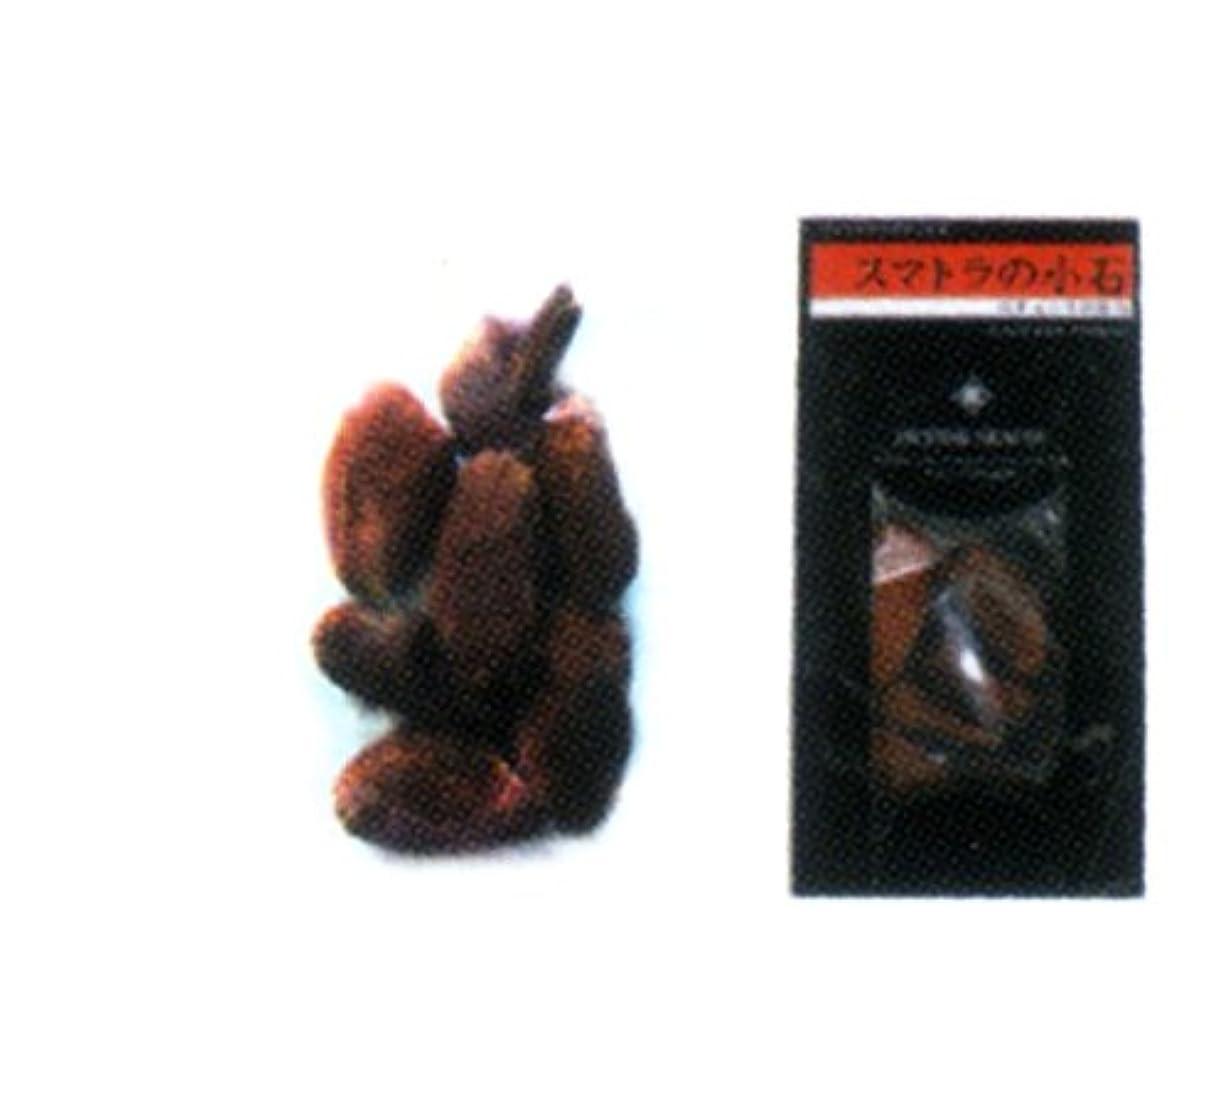 さておき侵入する衝撃インセンスヘブン(100%天然手作りのお香) スマトラの石